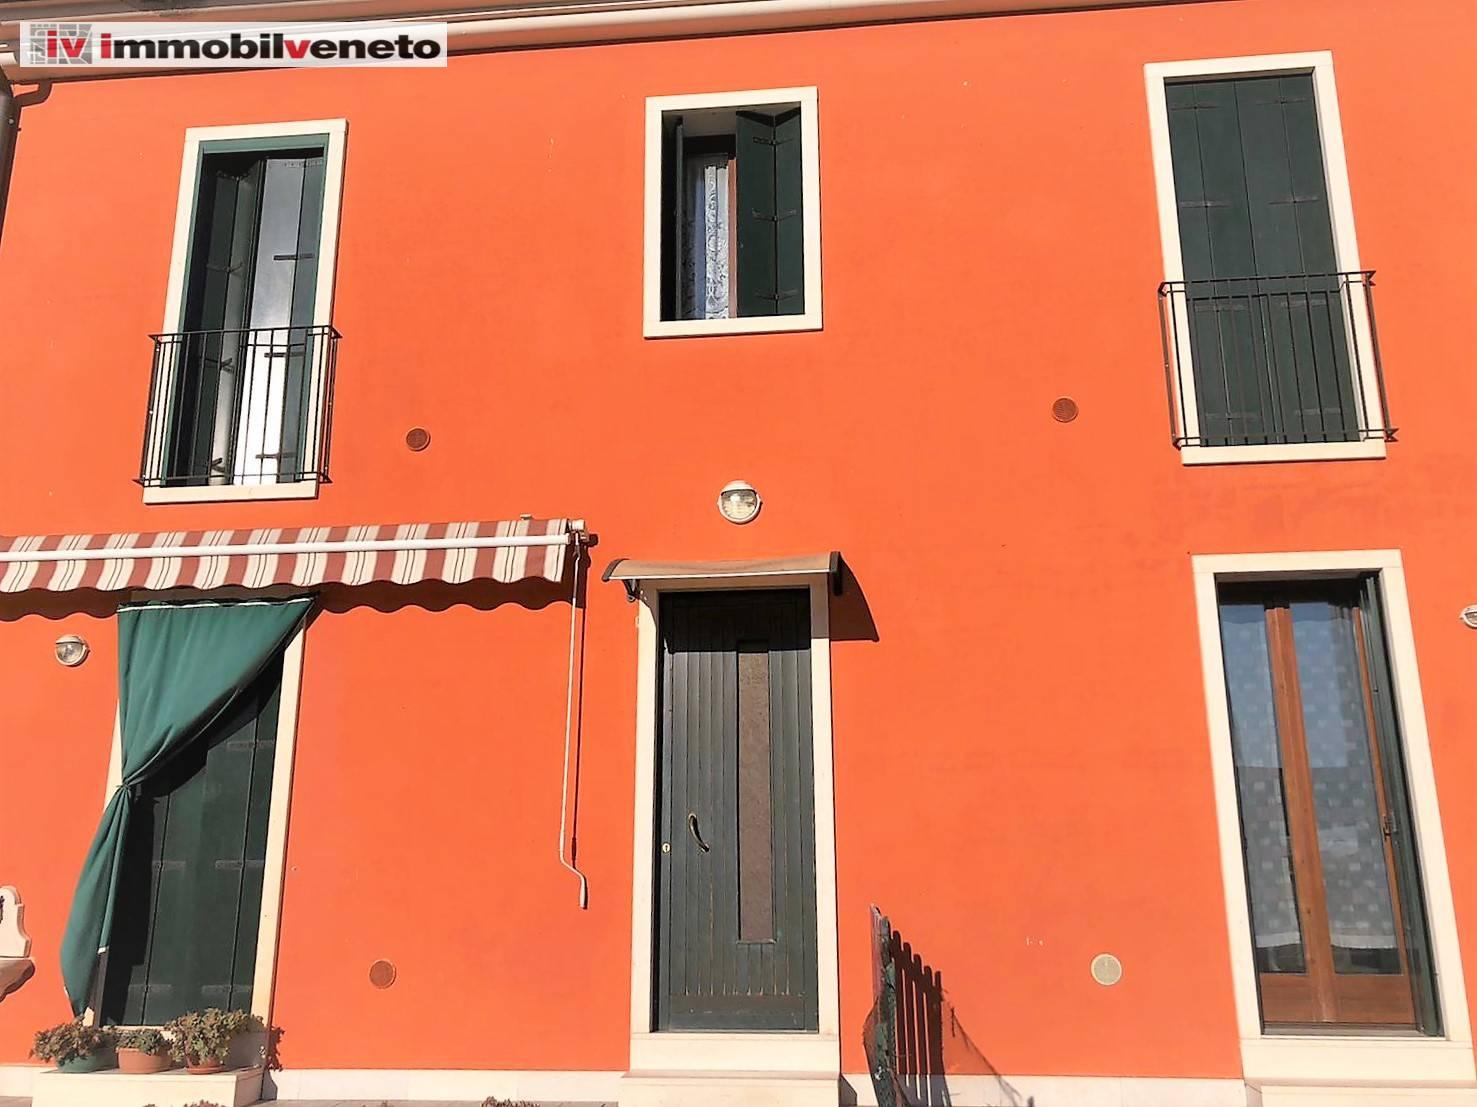 Appartamento in vendita a Orgiano, 2 locali, zona Zona: Spessa, prezzo € 45.000   CambioCasa.it